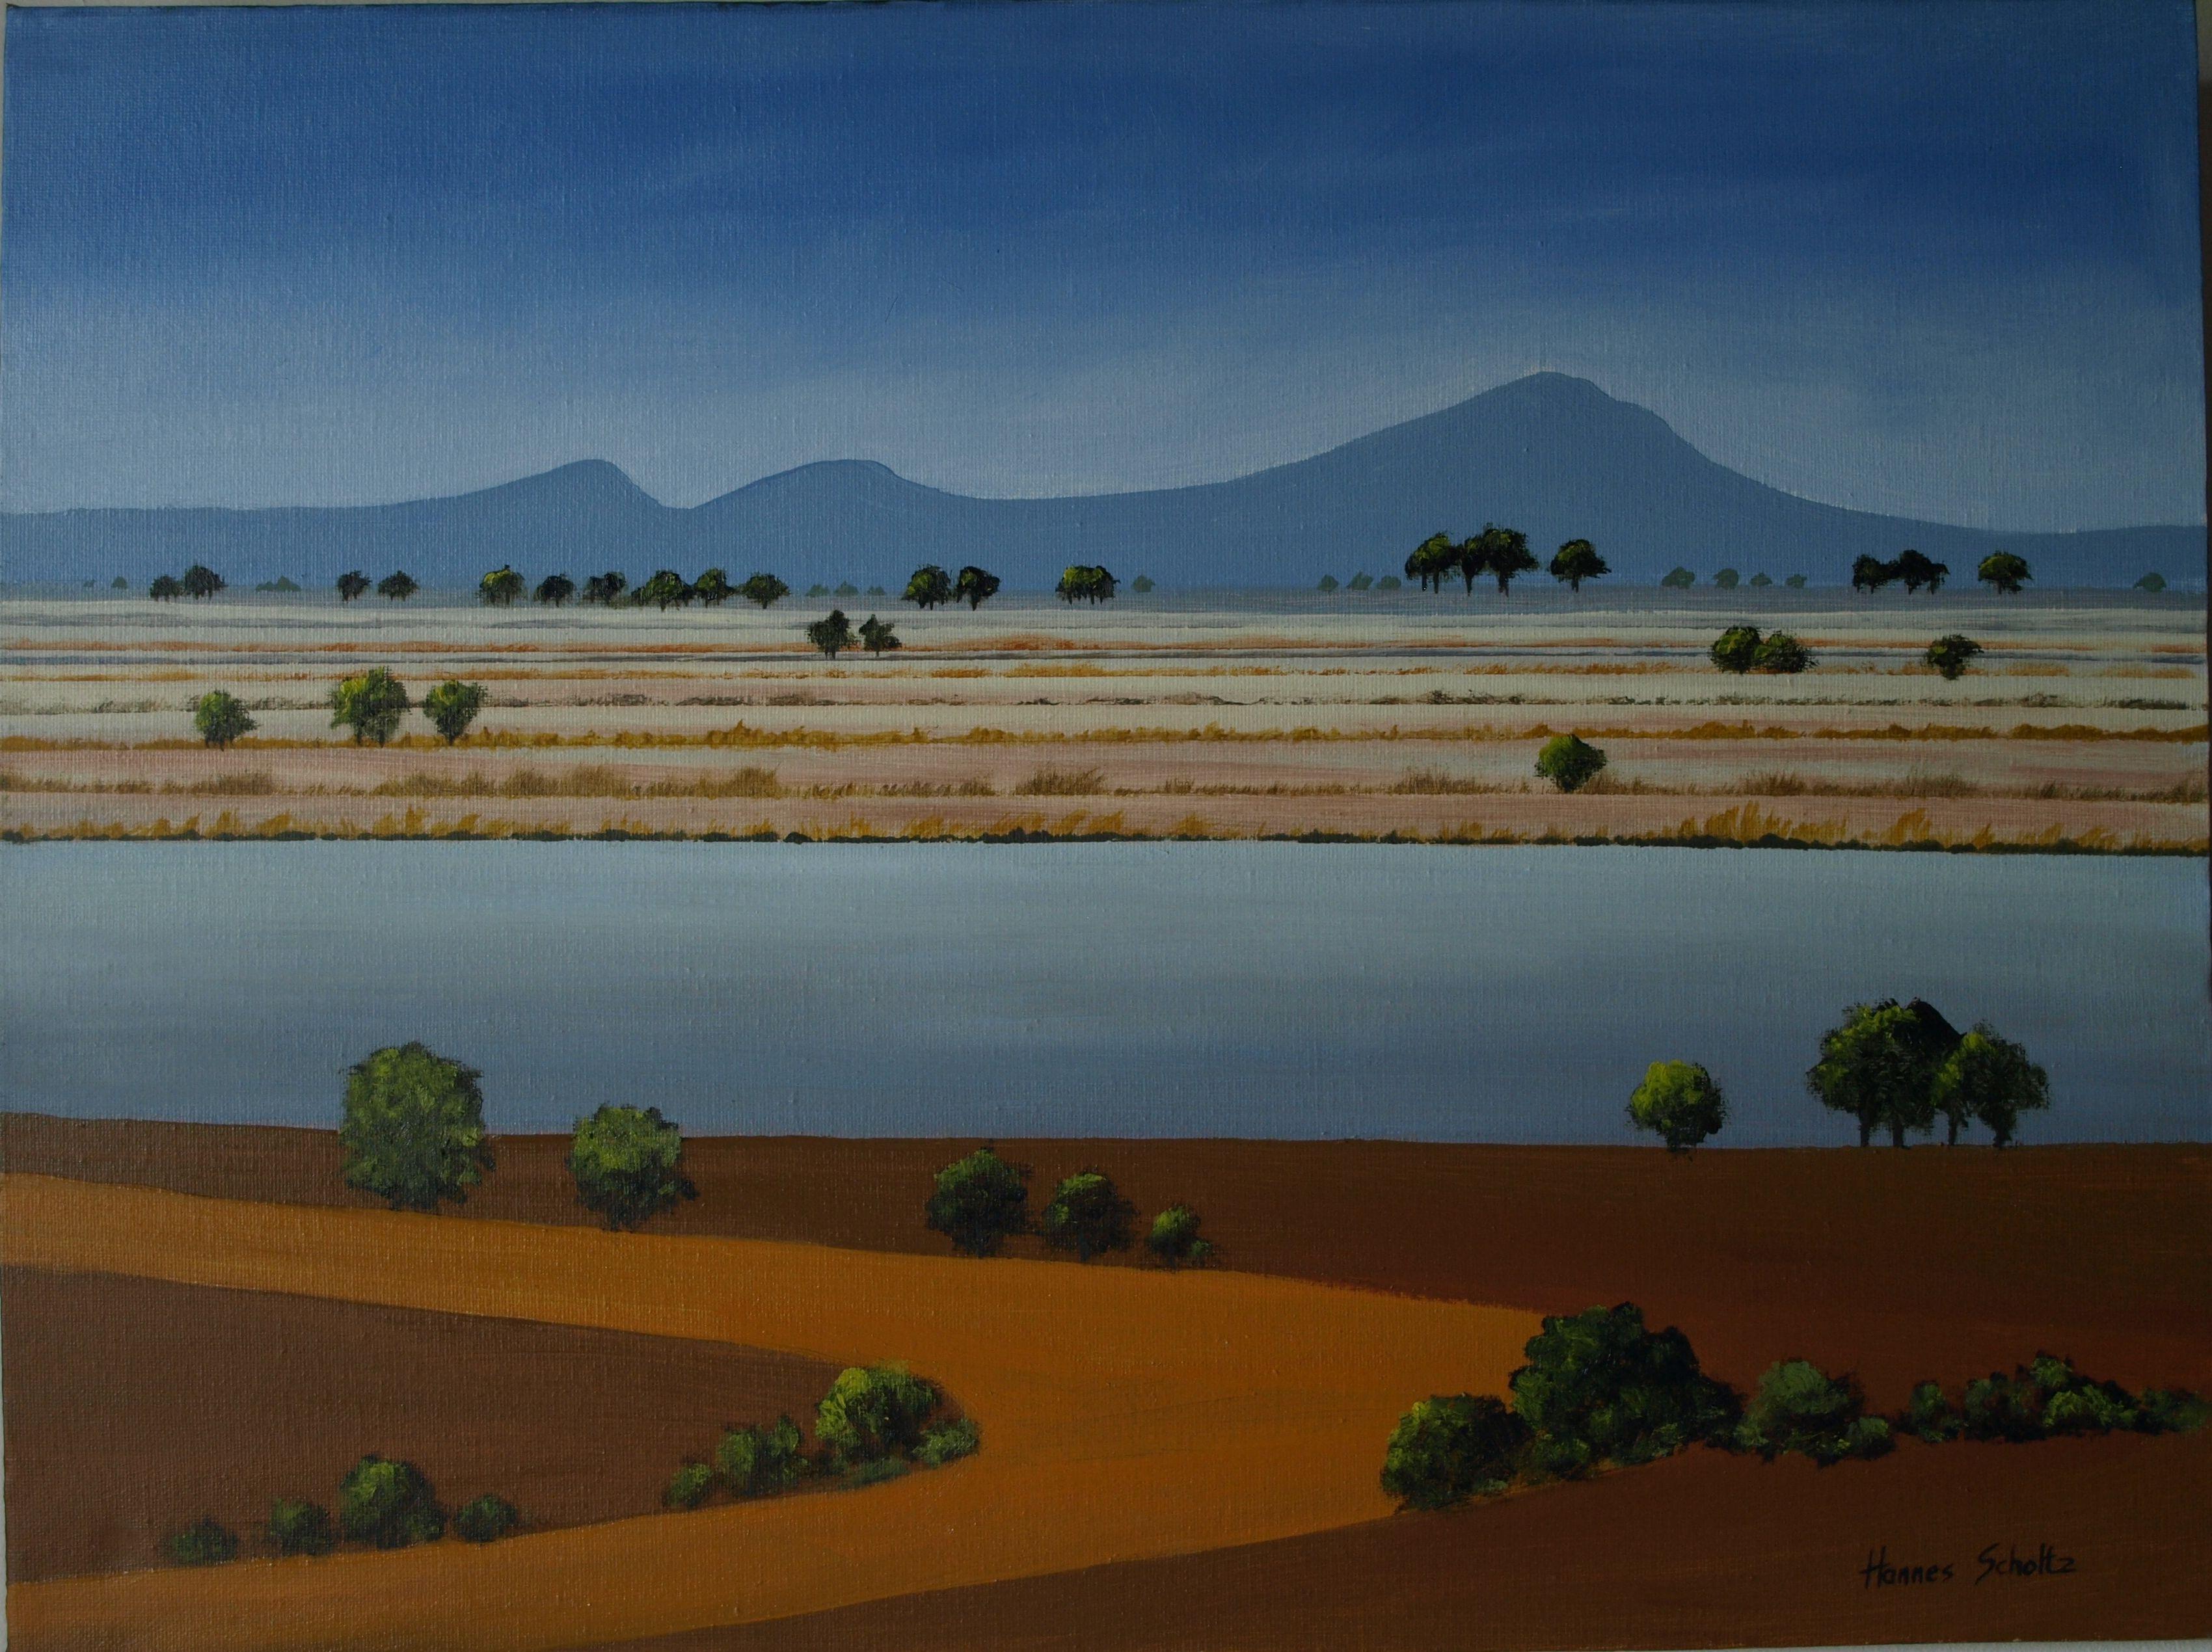 A Graphic Landscape painted by Hannes Scholtz